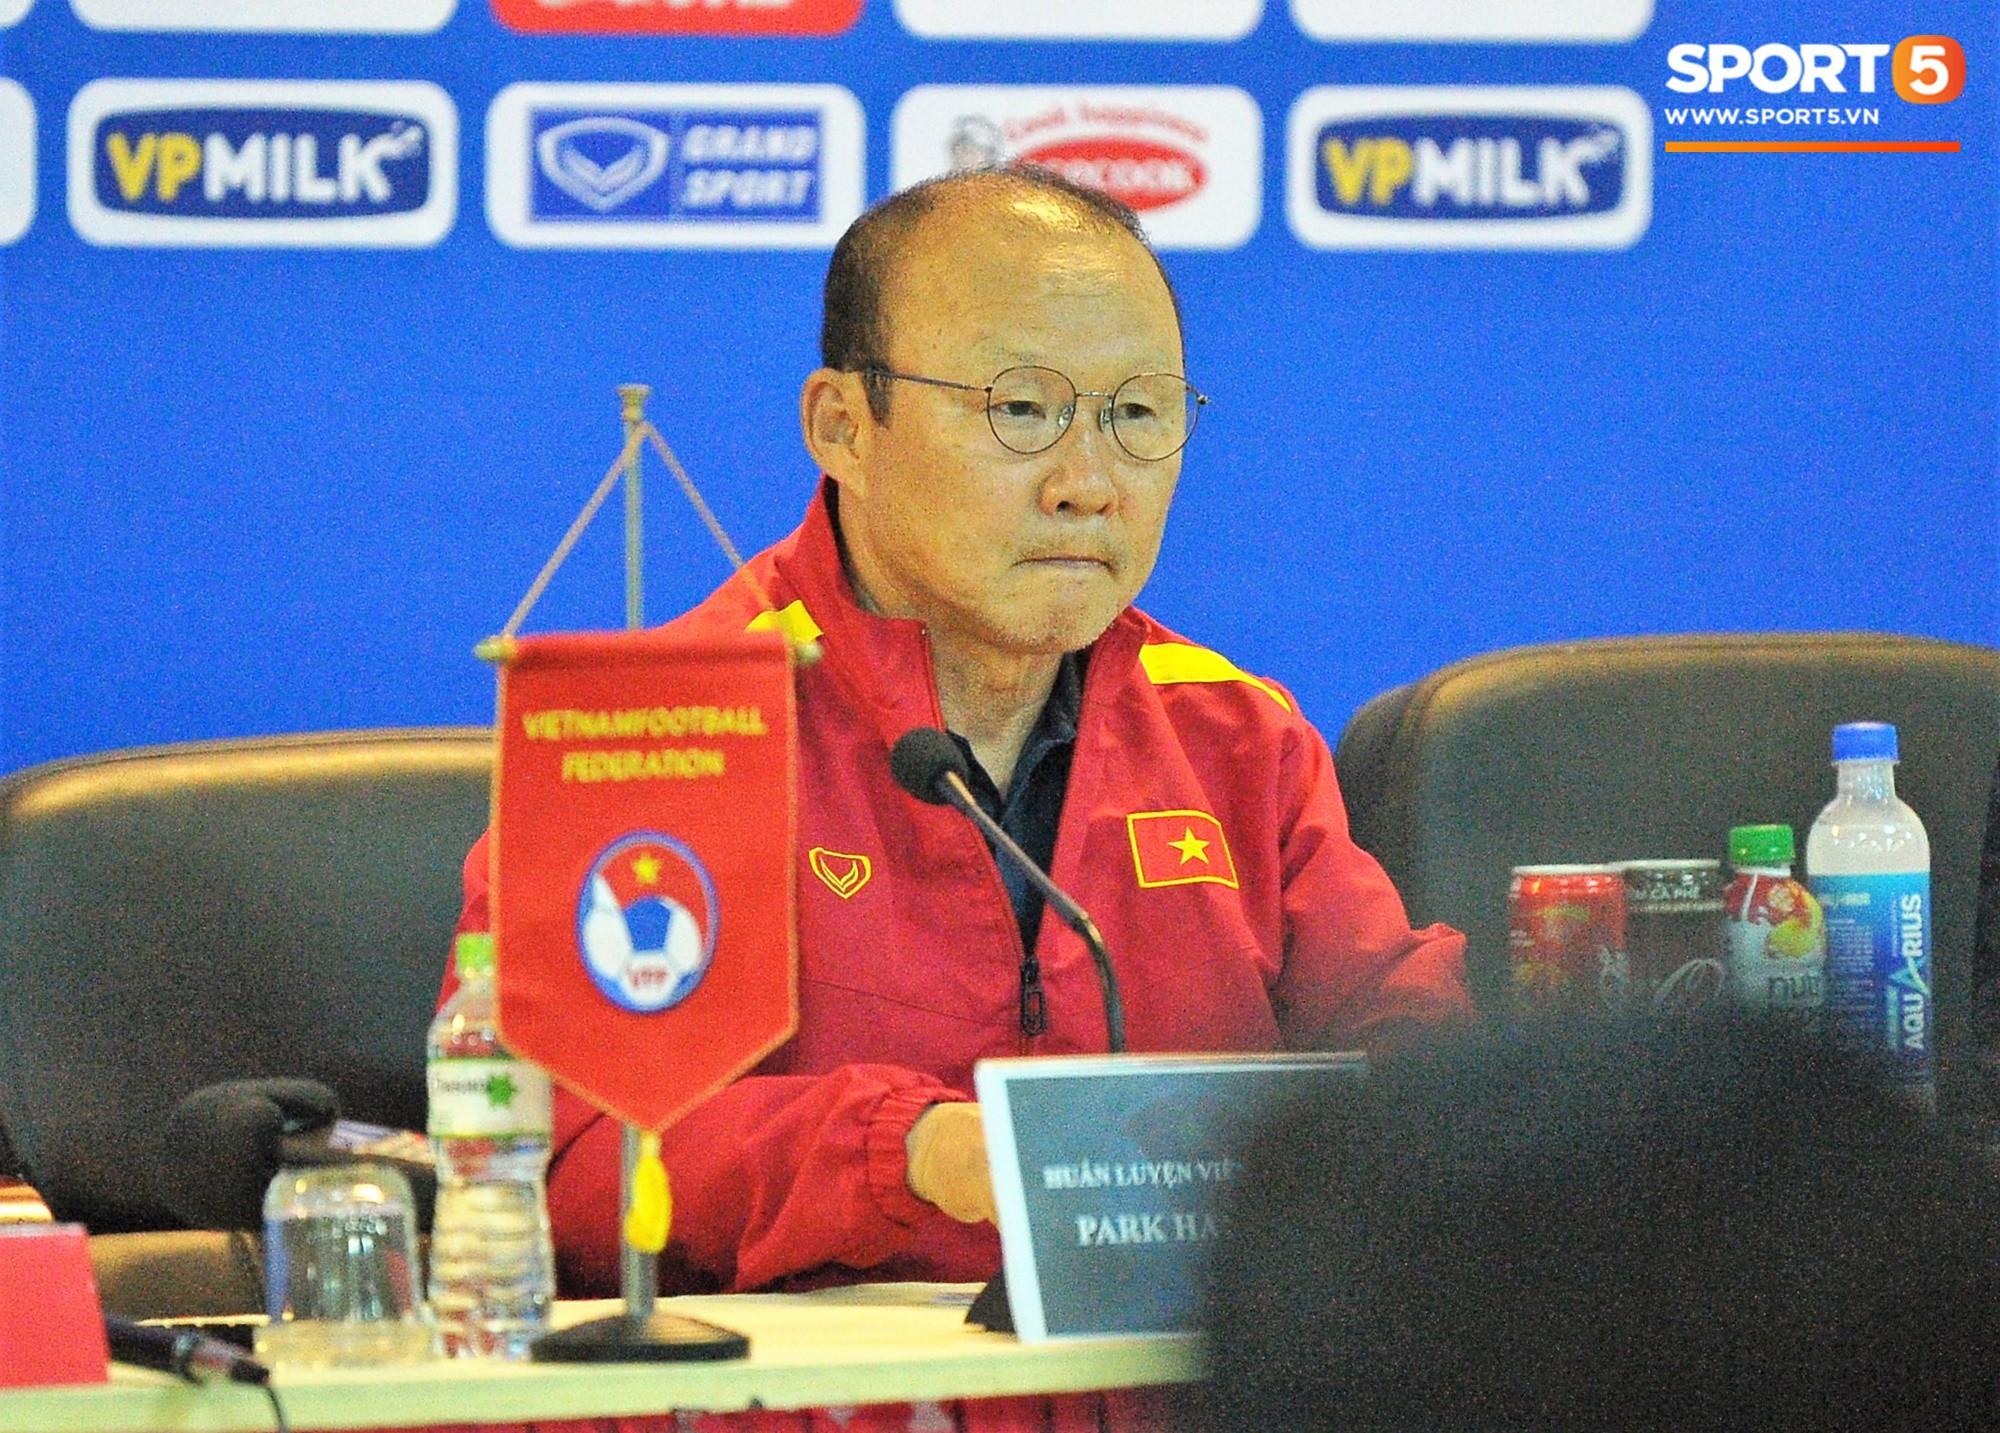 3 tuyển thủ U23 Việt Nam đã sớm rời đội vì chấn thương-1